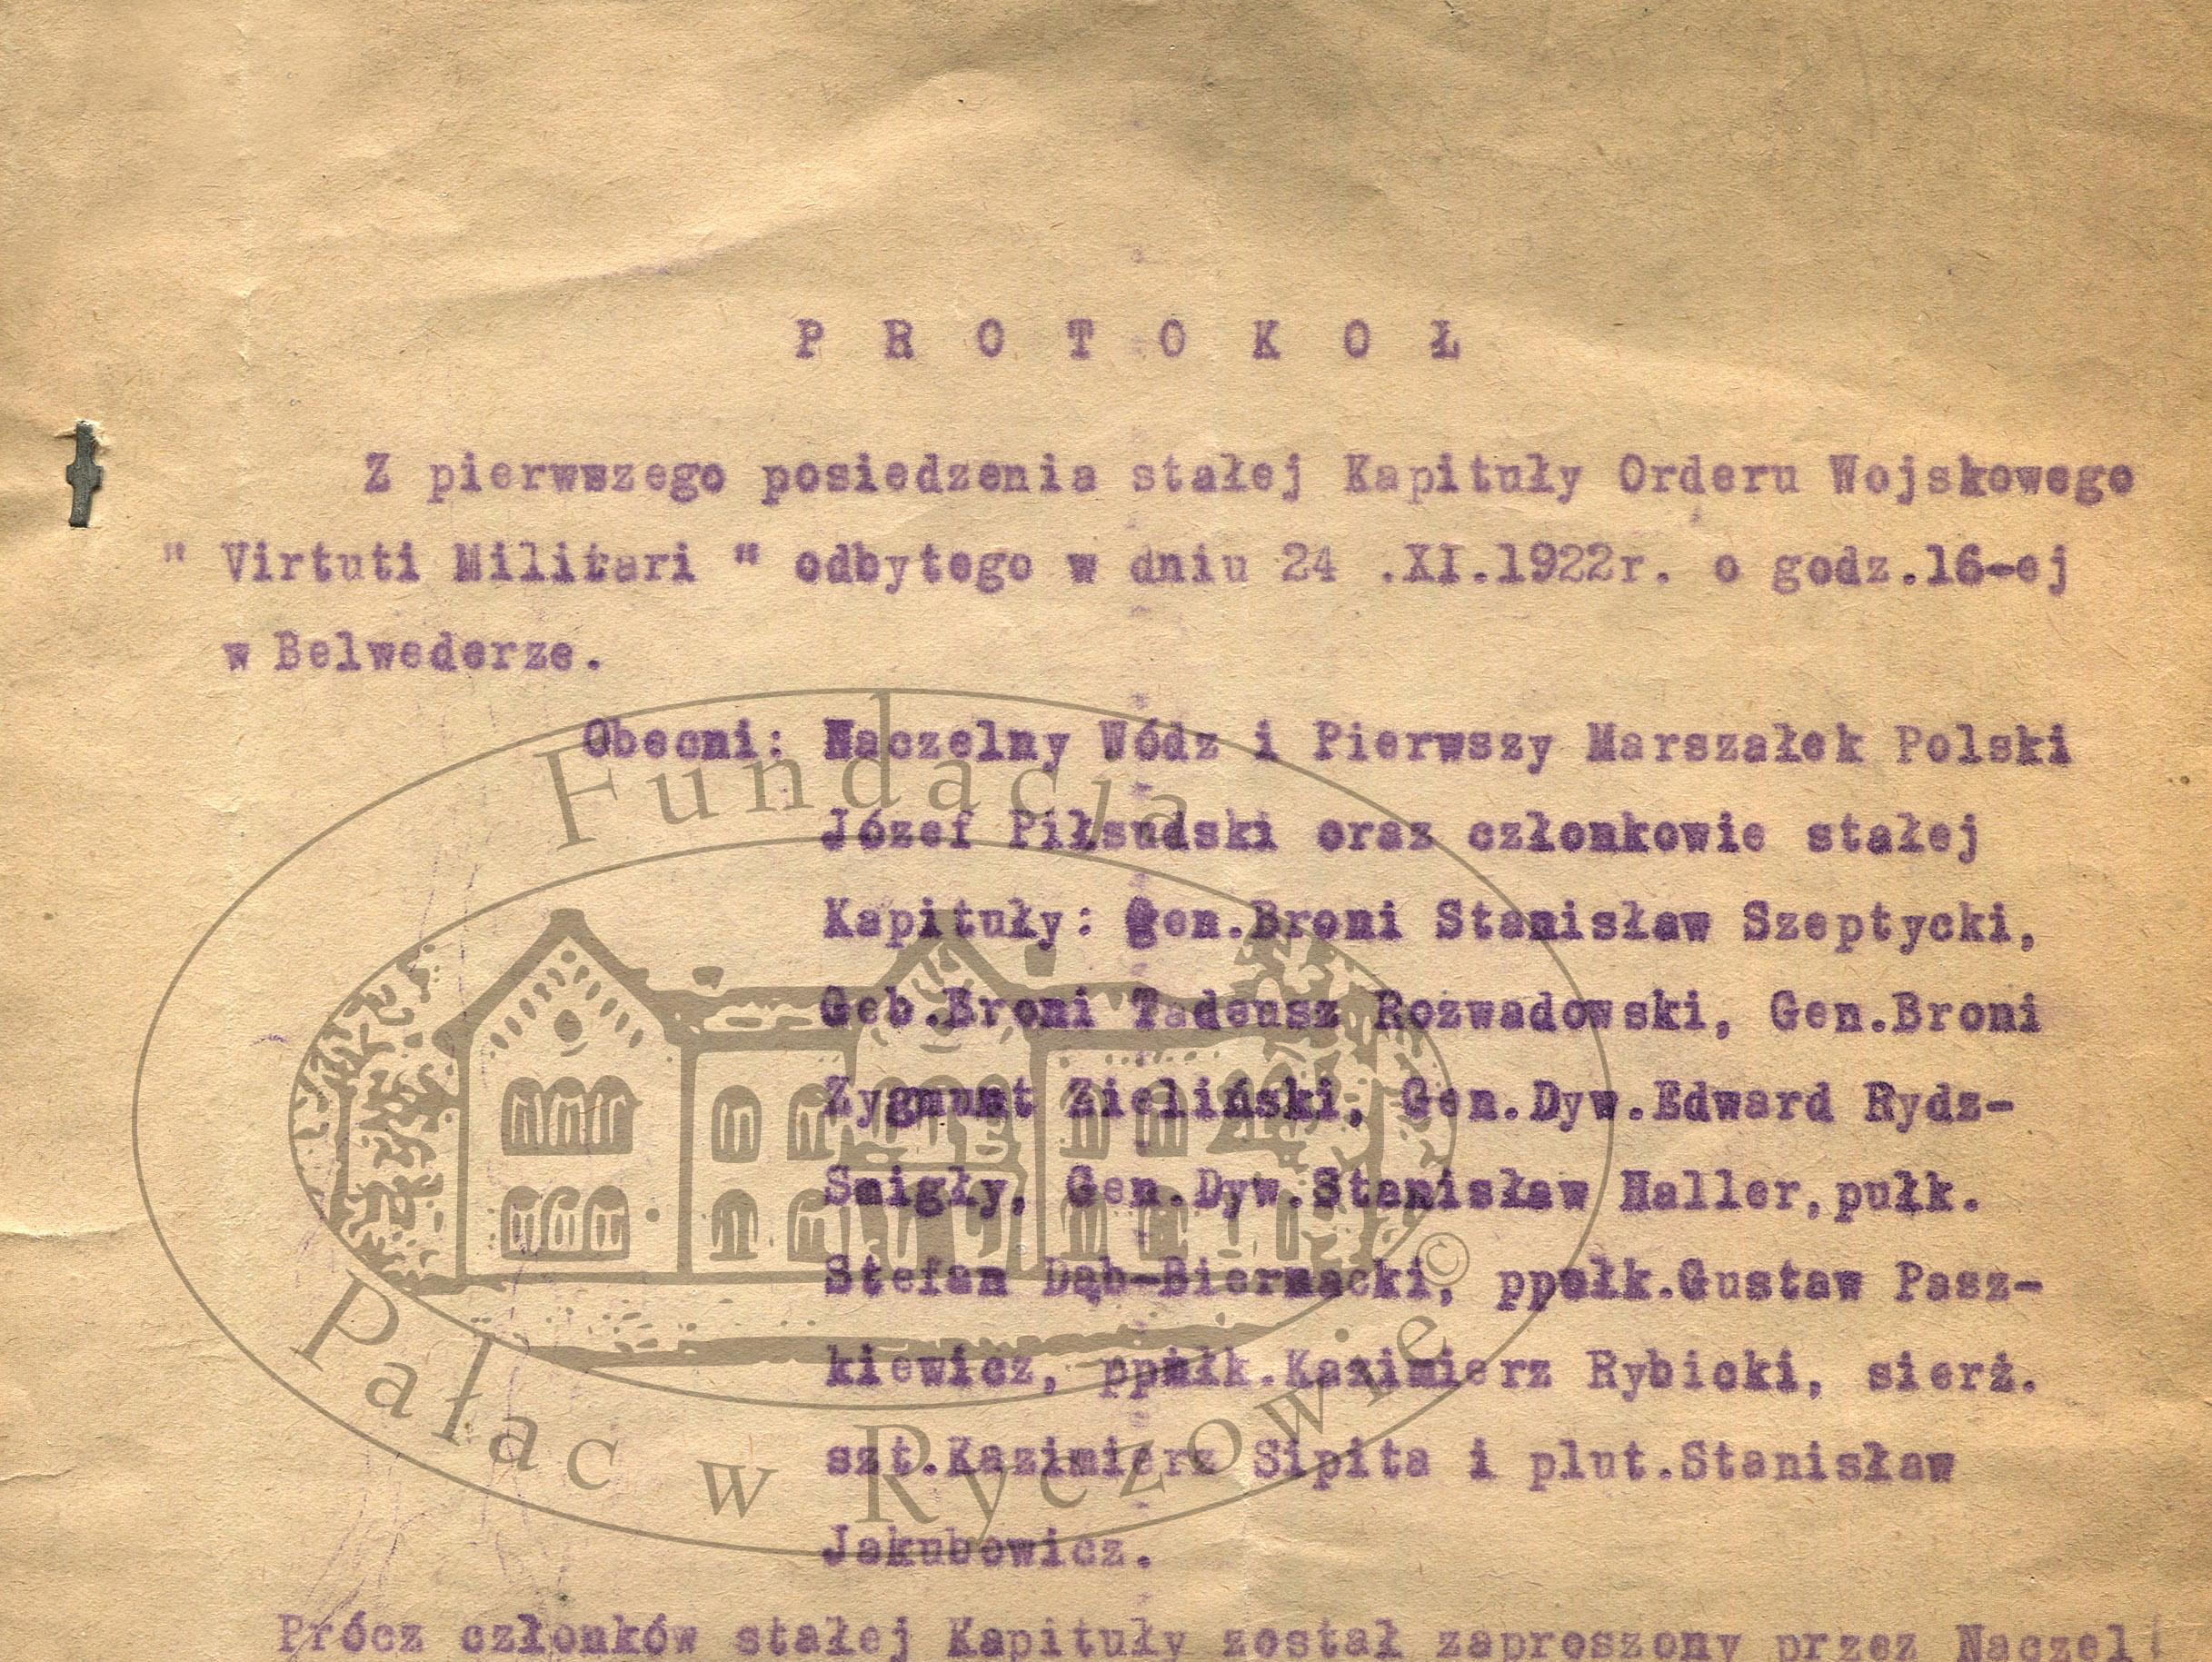 """Protokół zpierwszego posiedzenia Kapituły Orderu """"Virtuti Militari"""""""